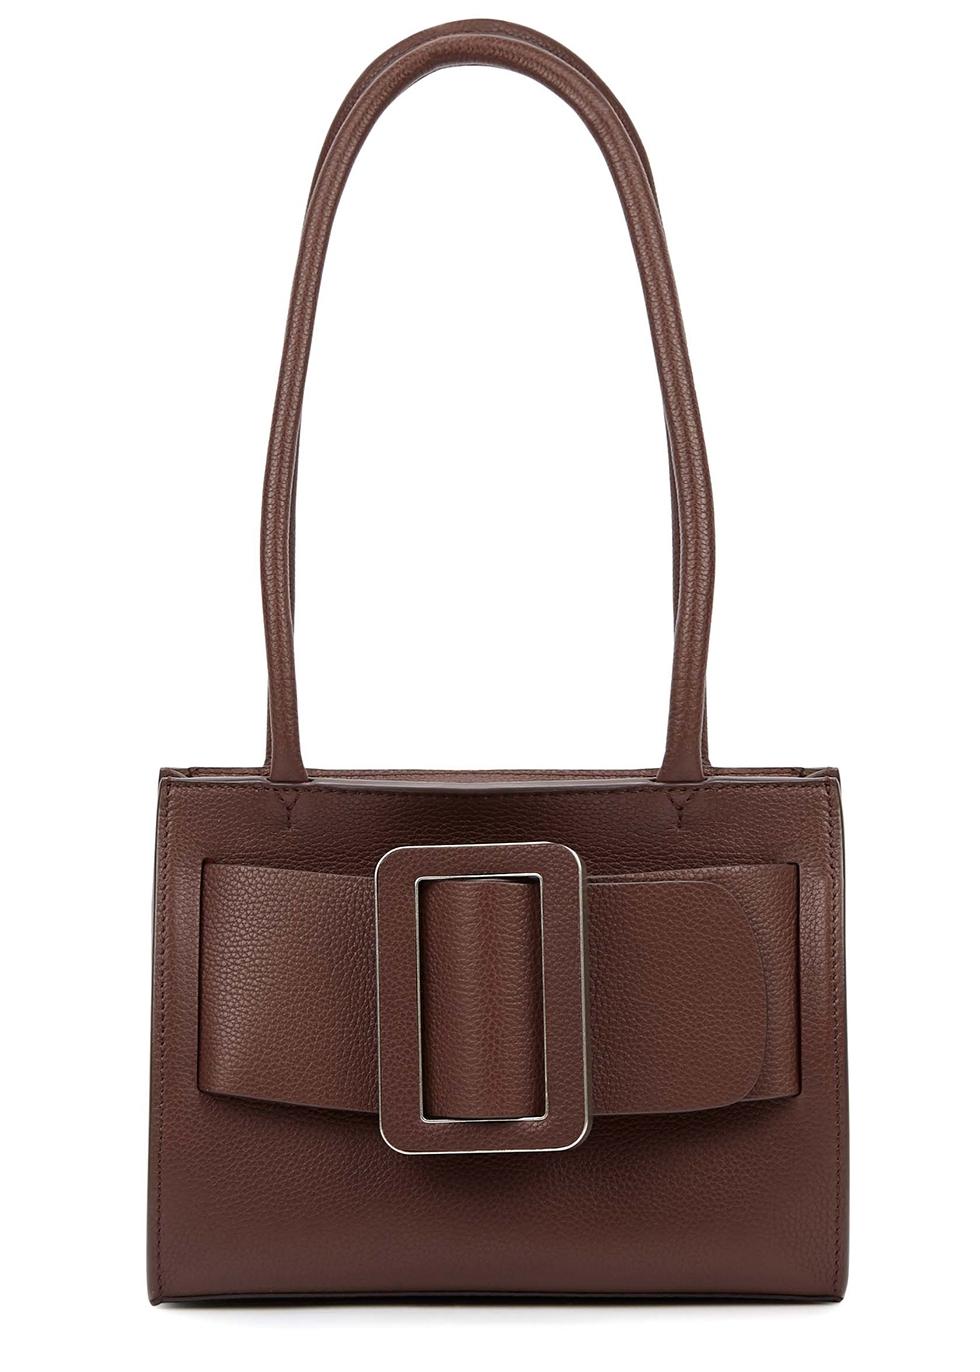 Bobby 23 Soft leather shoulder bag